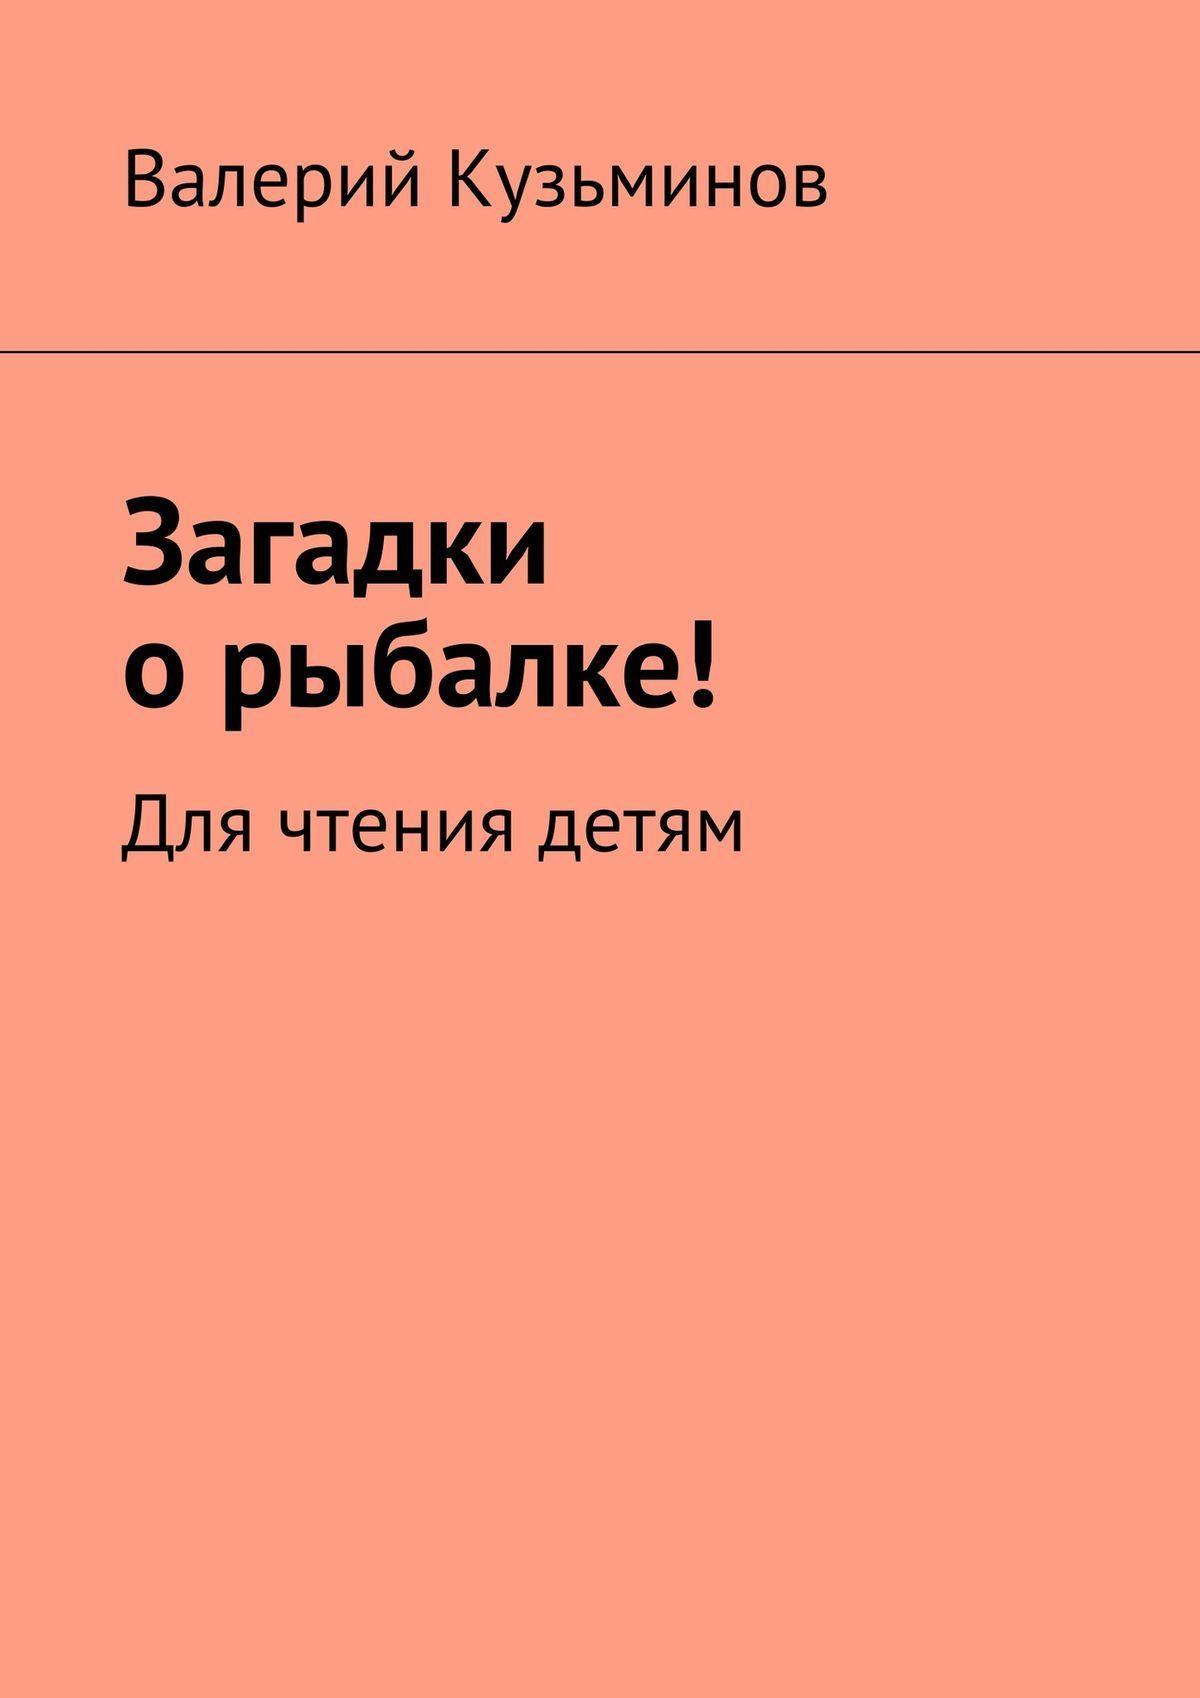 Валерий Кузьминов - Загадки орыбалке! Для чтения детям